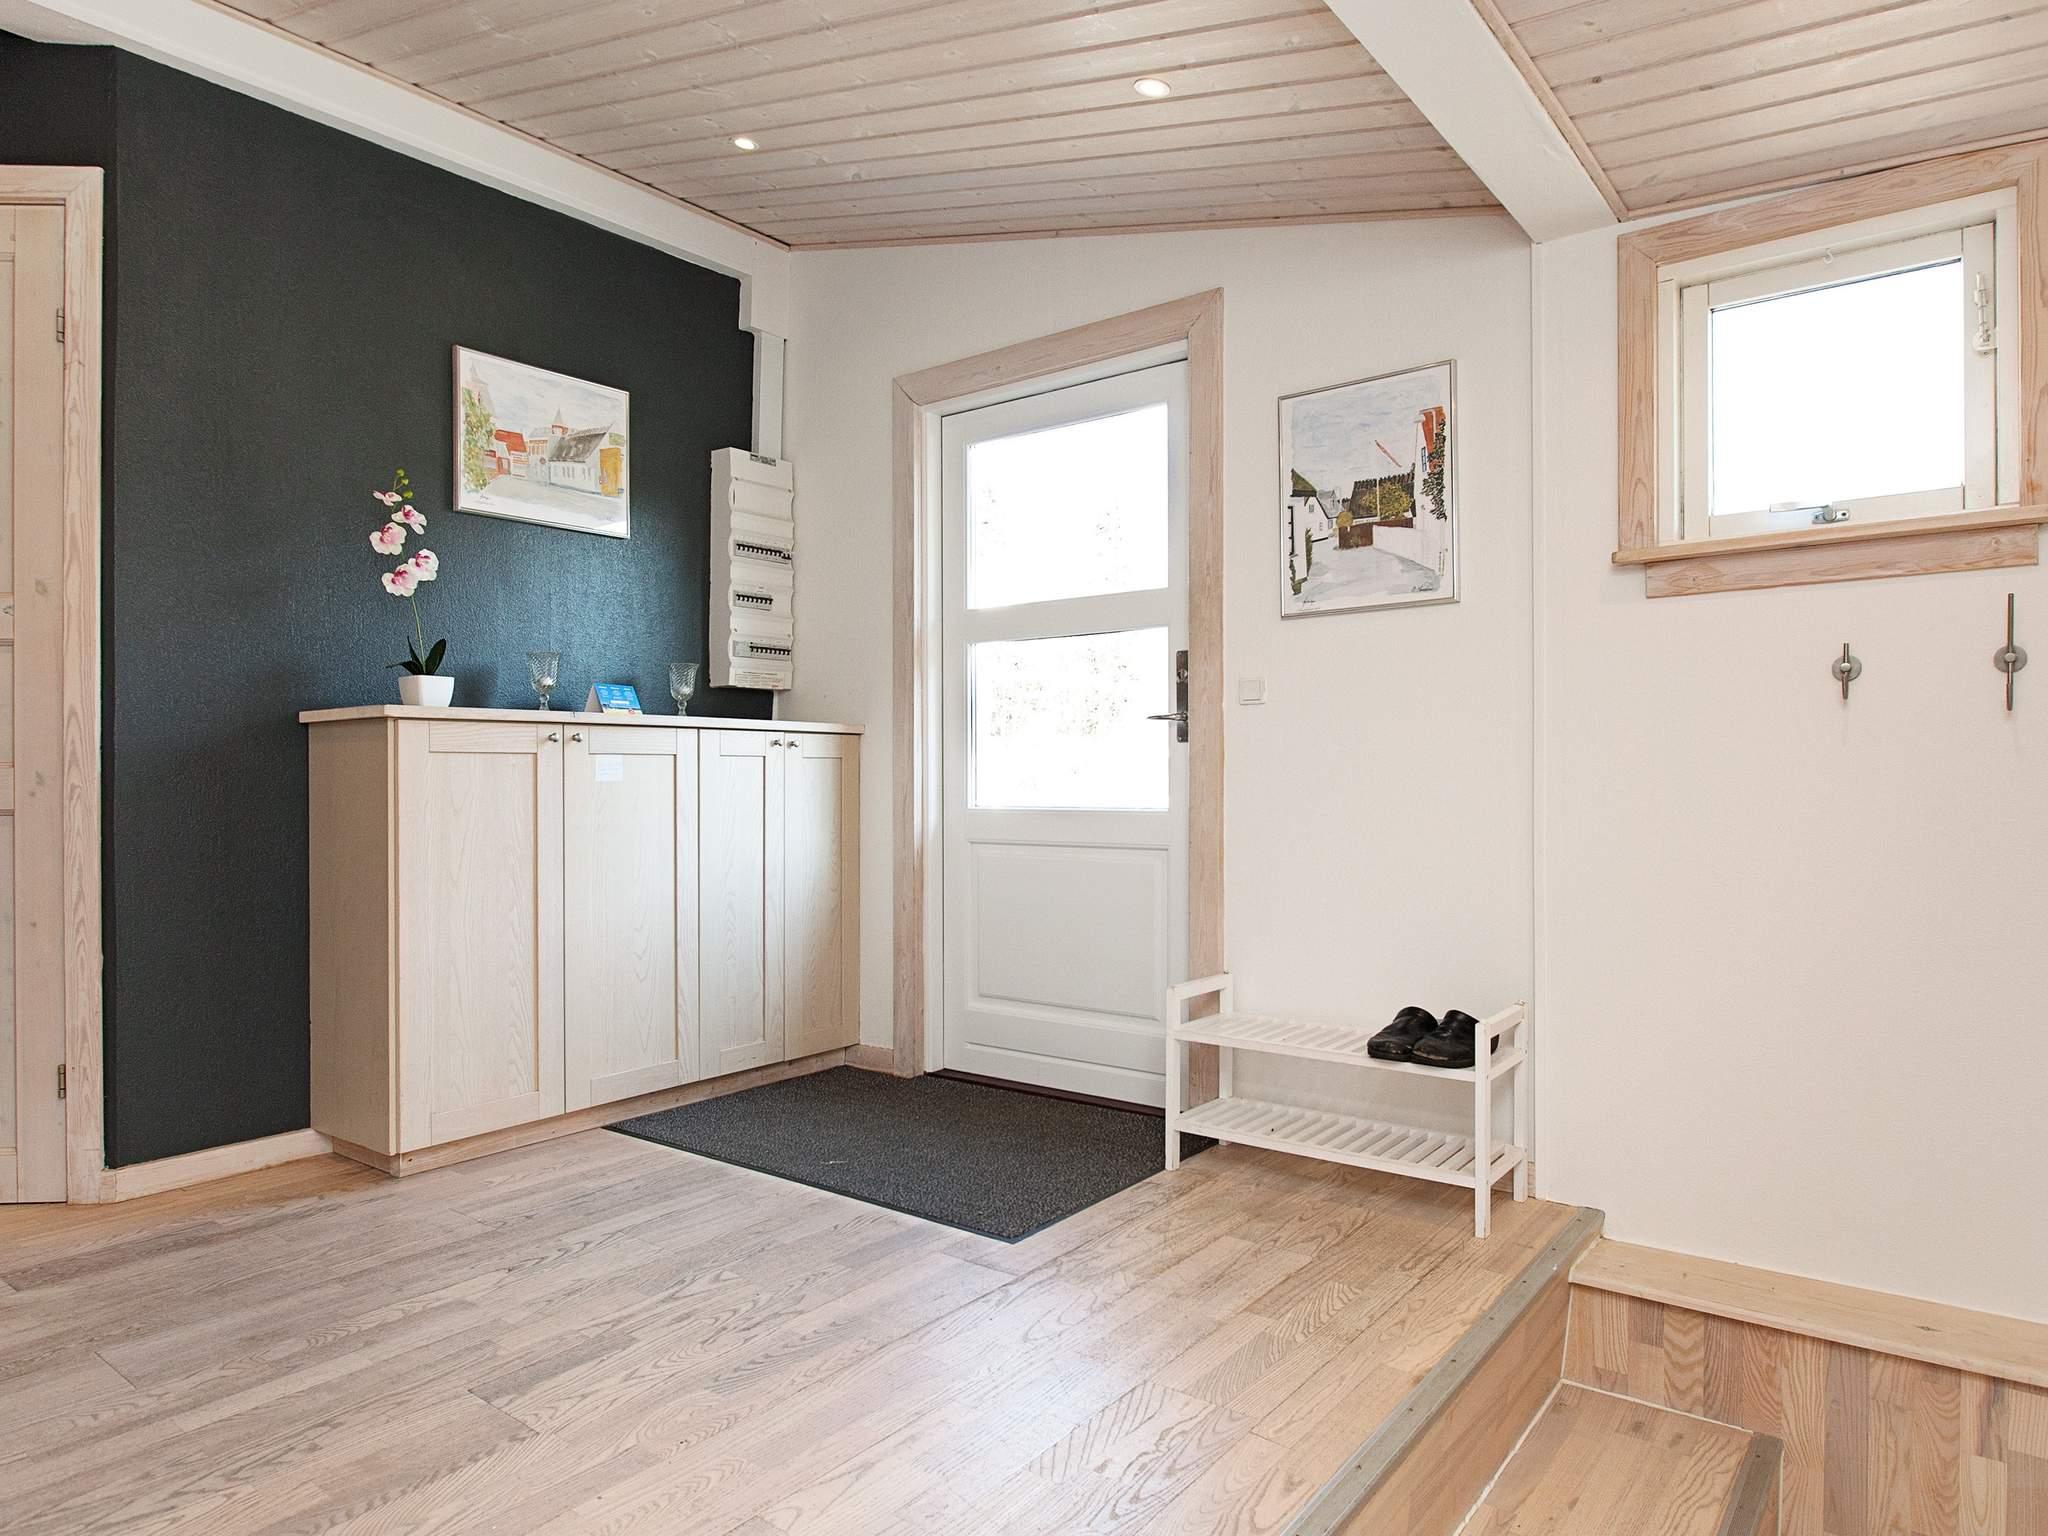 Ferienhaus Udsholt Strand (1029012), Gilleleje, , Nordseeland, Dänemark, Bild 12